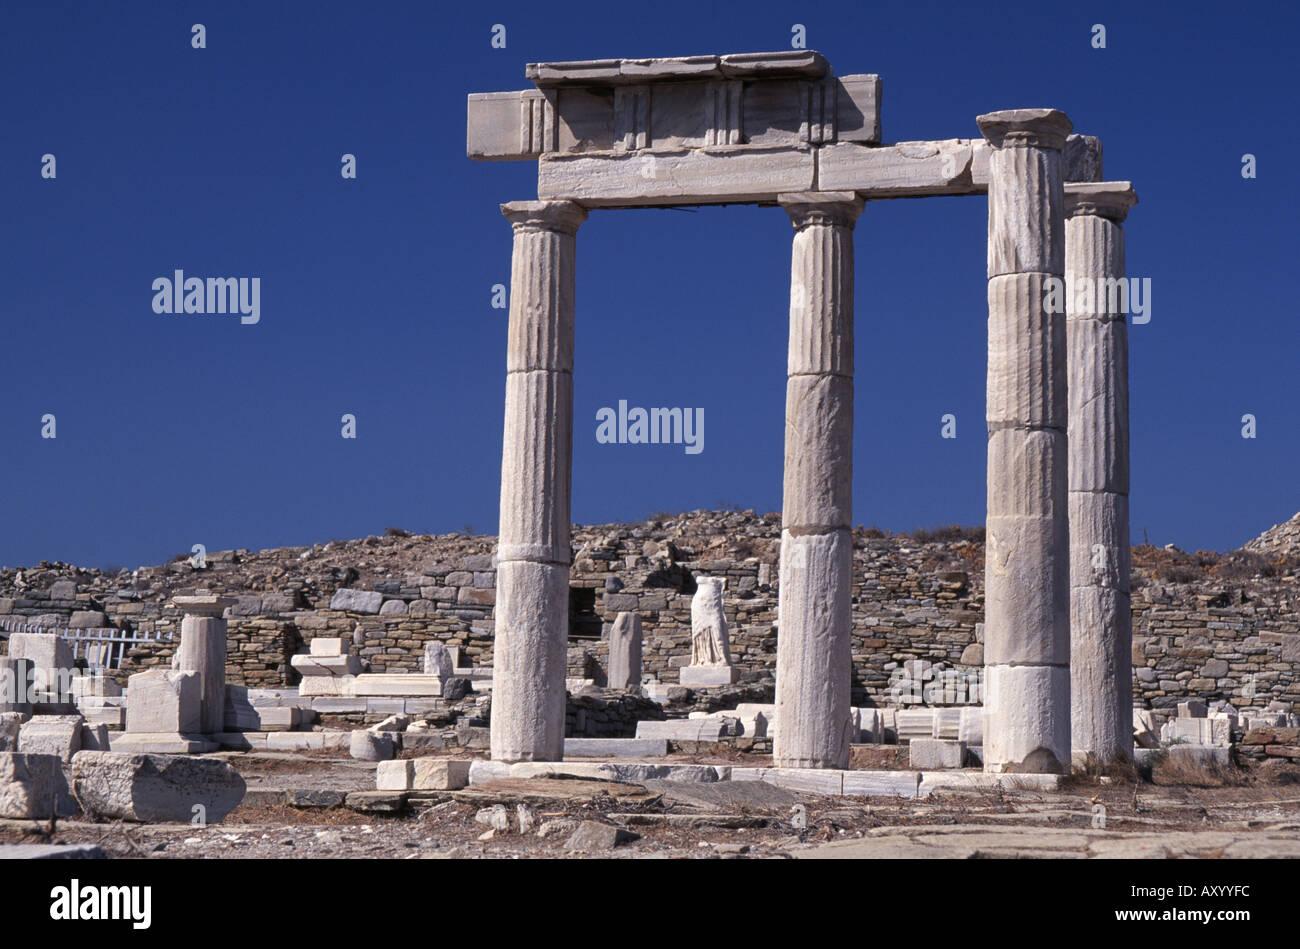 Delos, Löwenterassen, Ruine Tempel - Stock Image